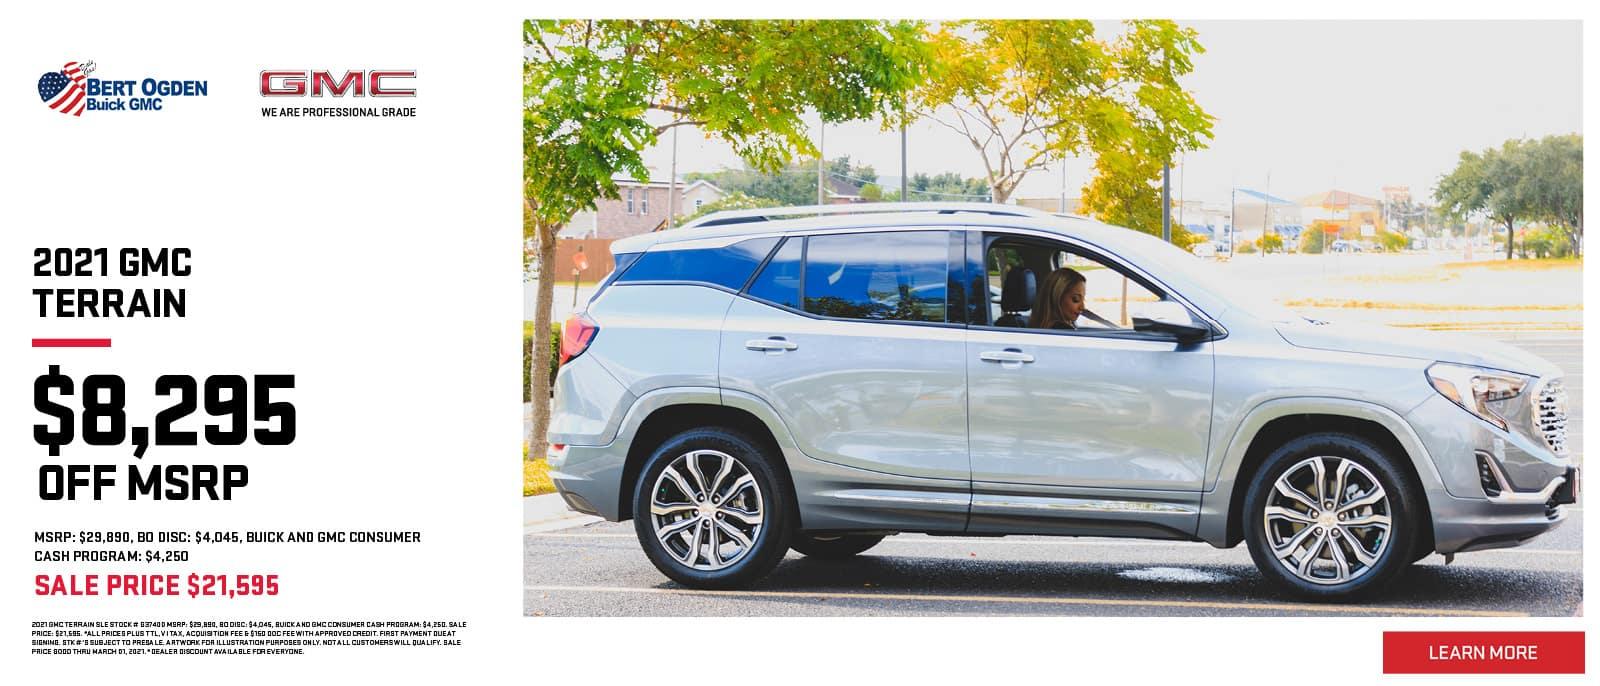 2021 GMC Terrain Special | Bert Ogden Buick GMC | Edinburg, TX